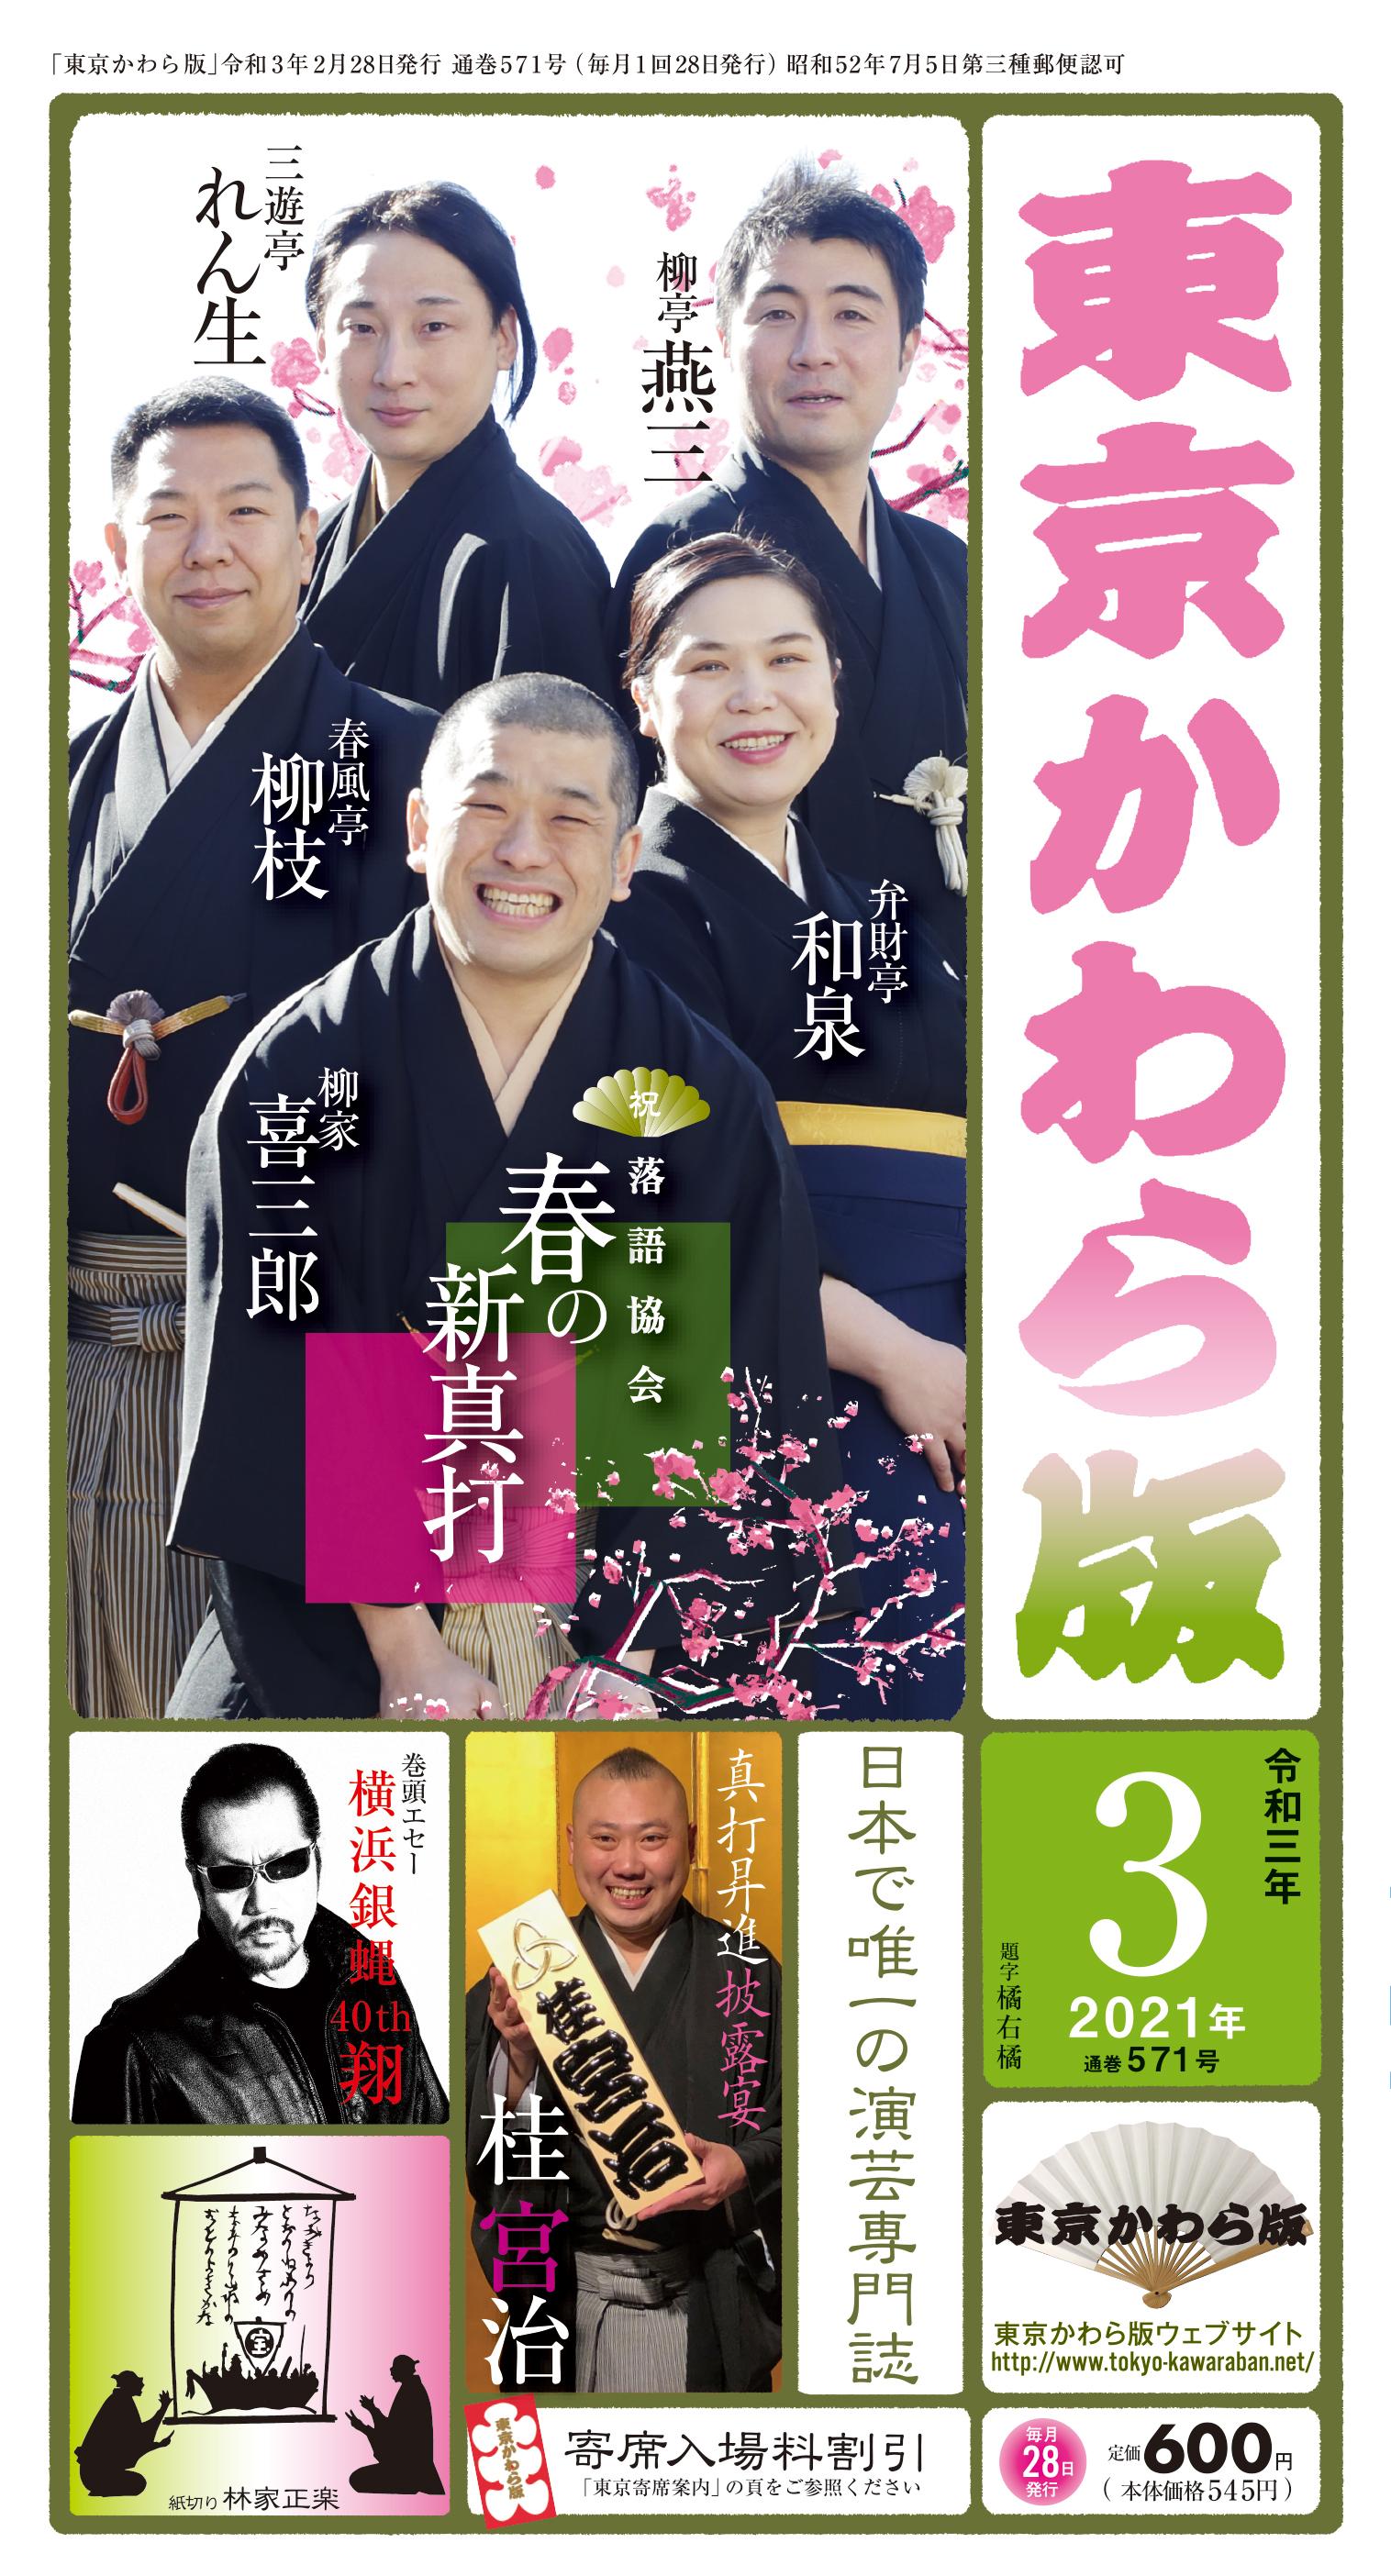 東京かわら版 2021年3月号 定価600円